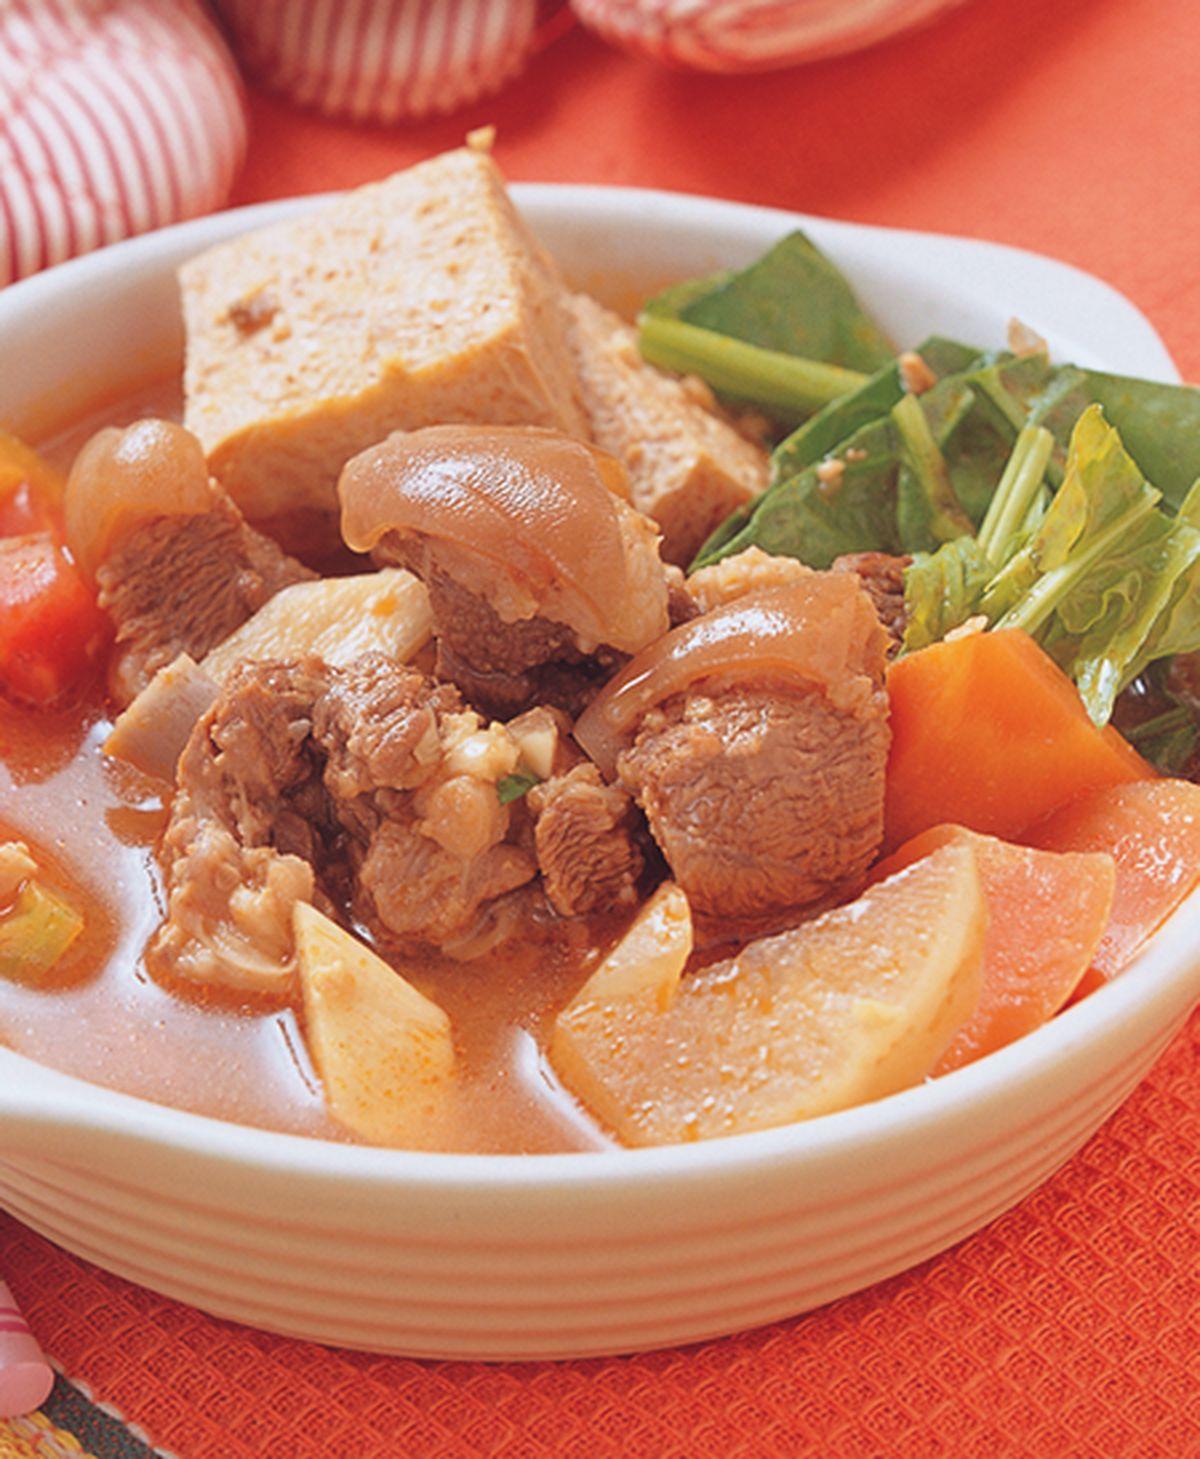 食譜:蕃茄羊肉爐